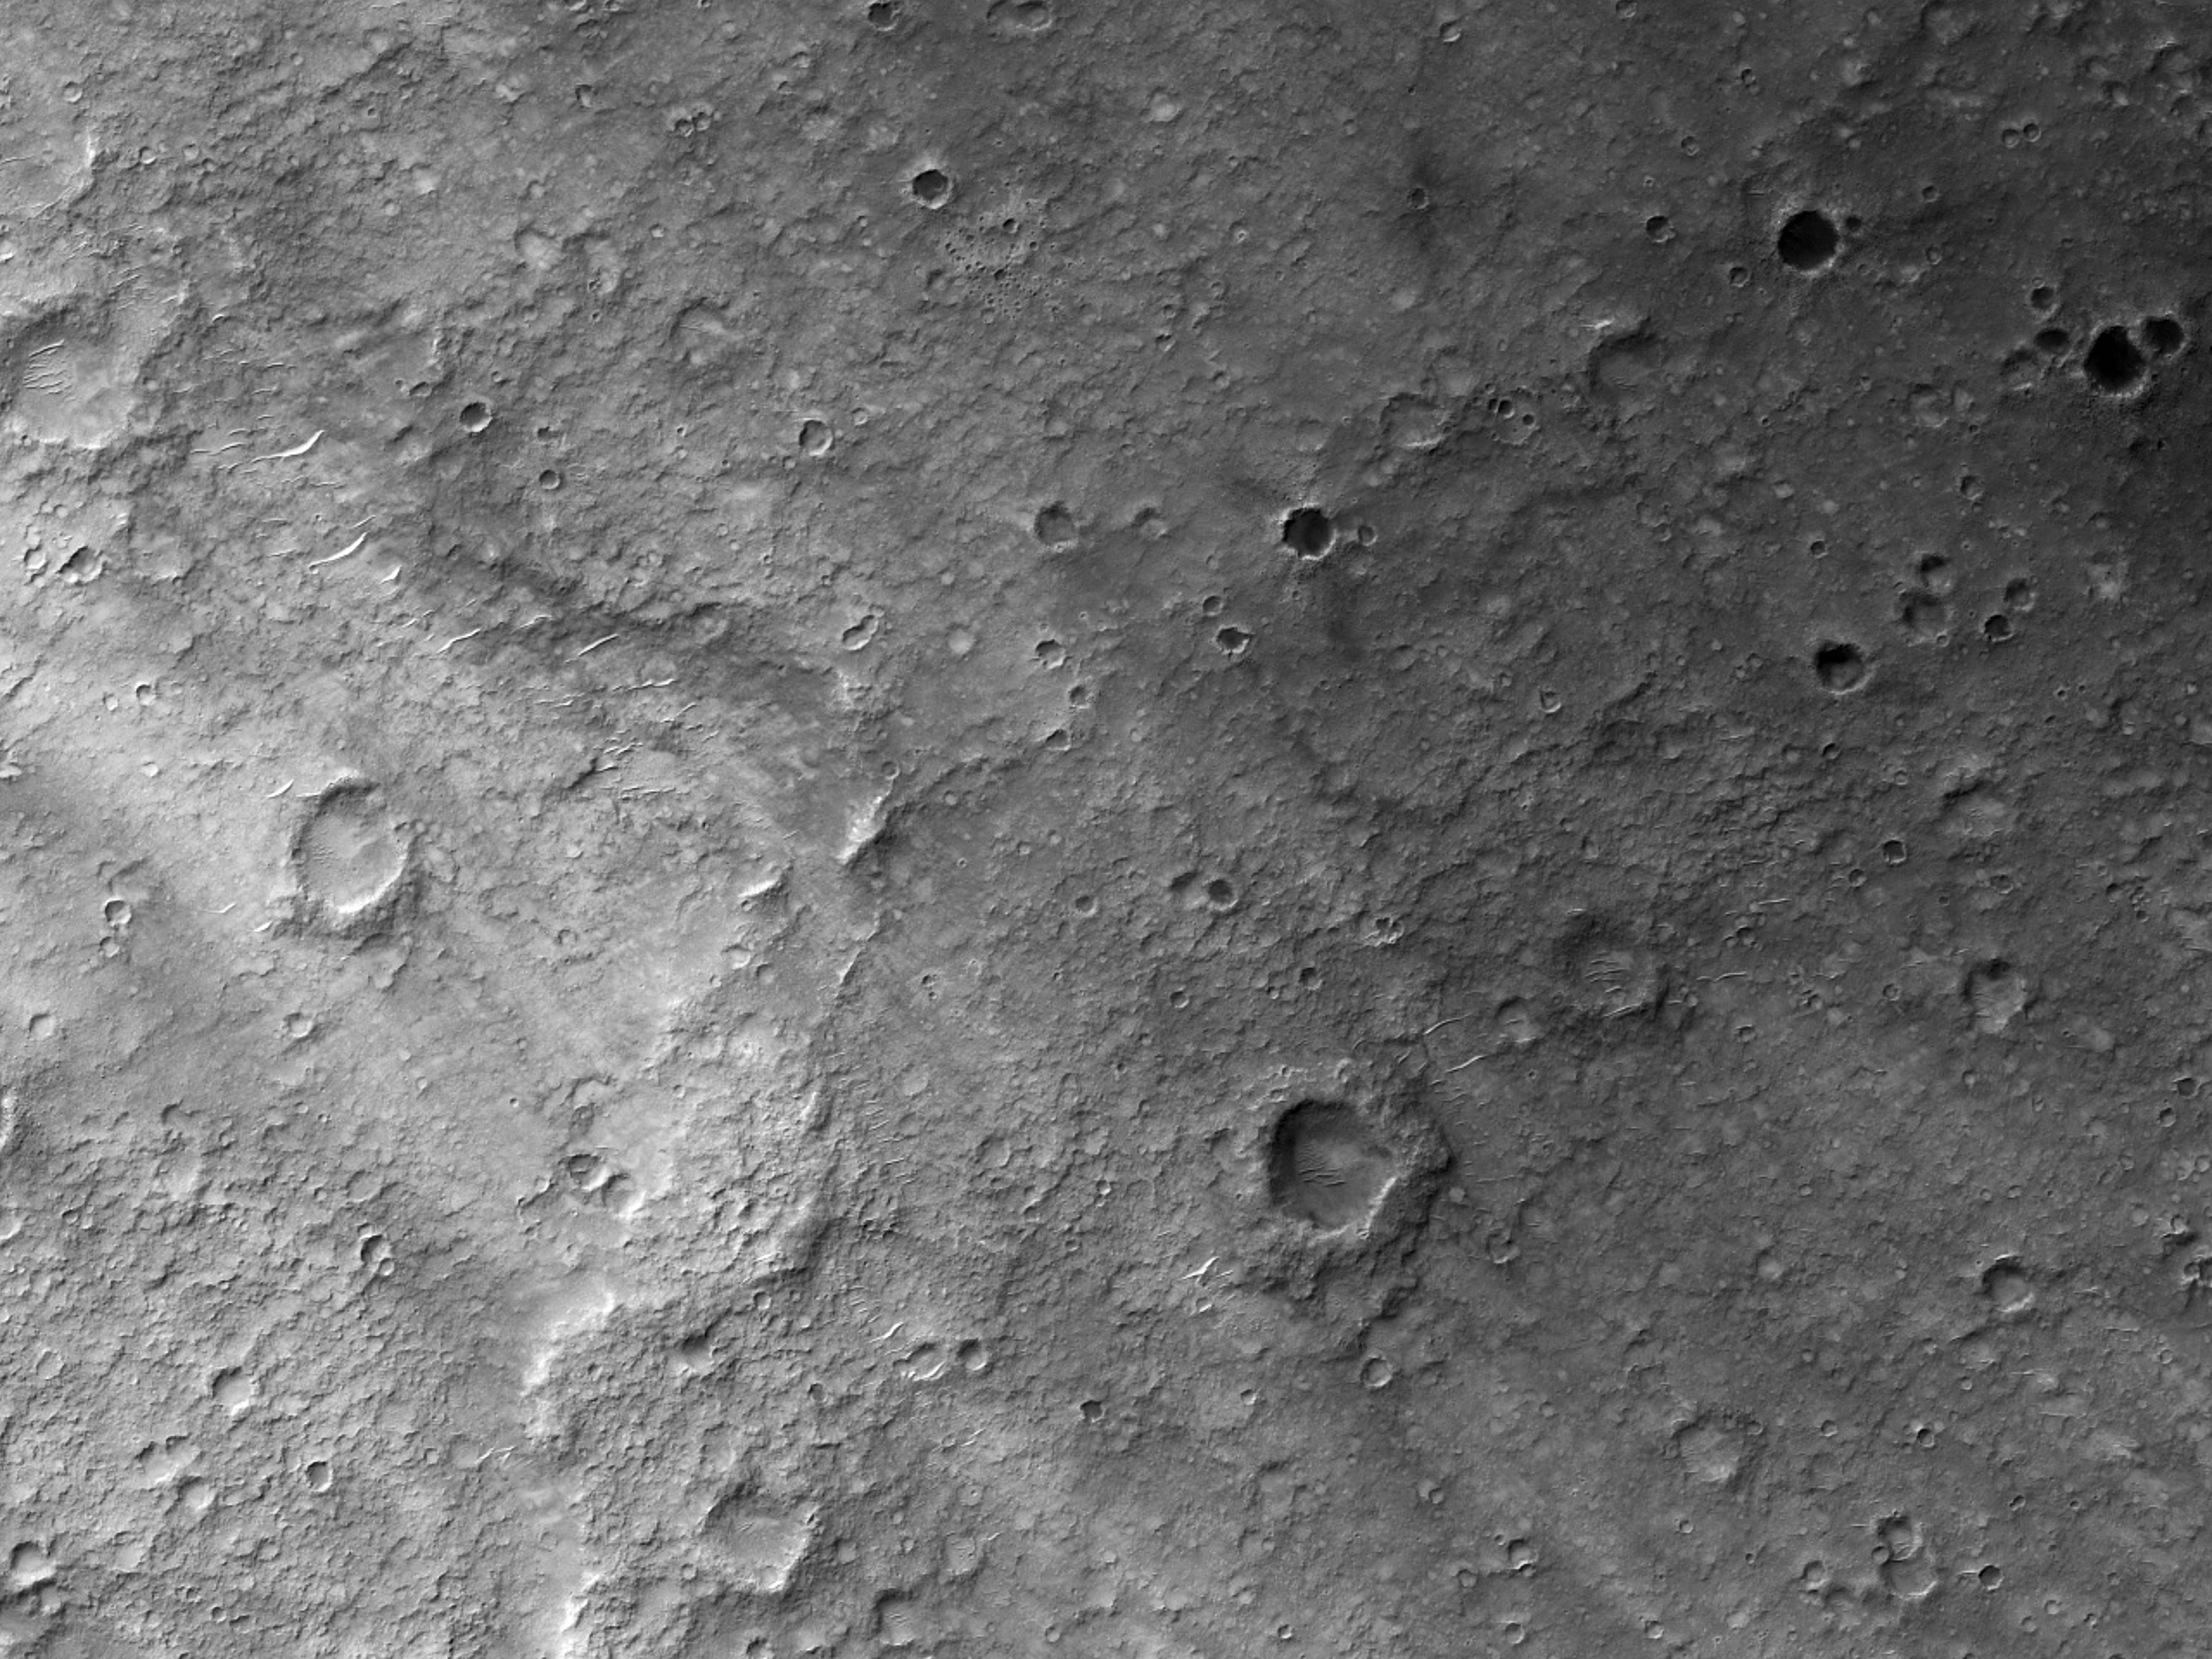 Возможное местопосадки миссии2020 года в кратере Gusev